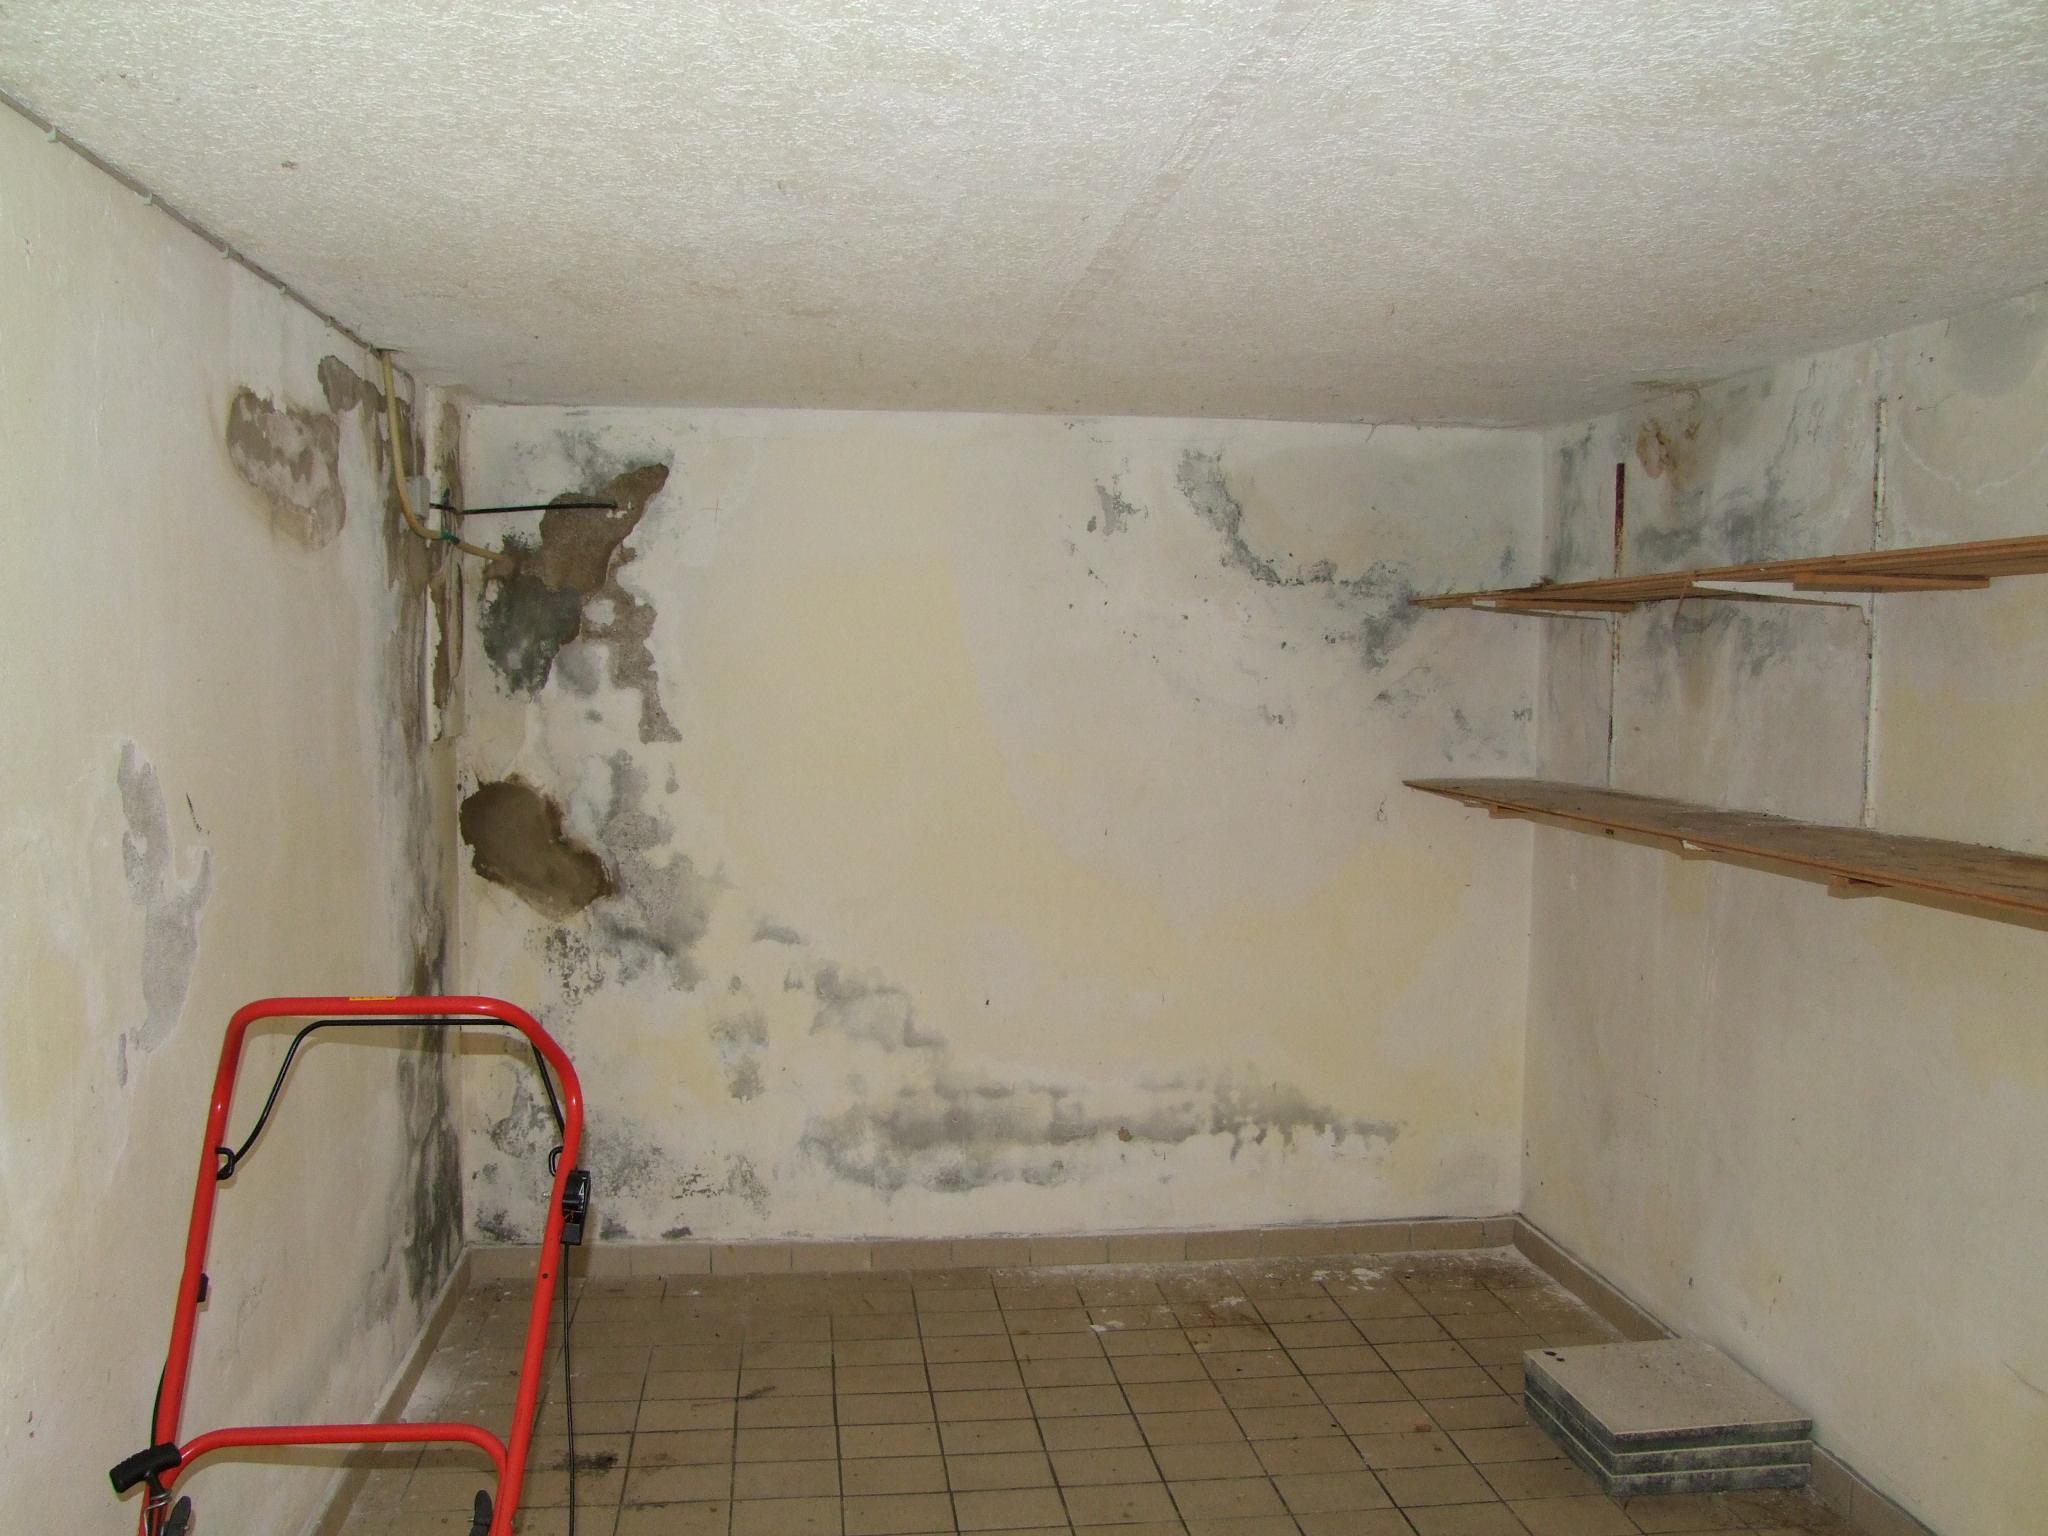 Kompetente Beratung für Feuchteschäden im Kellergeschoss bzw. feuchte Kellerräume (Abdichtungsprobleme)